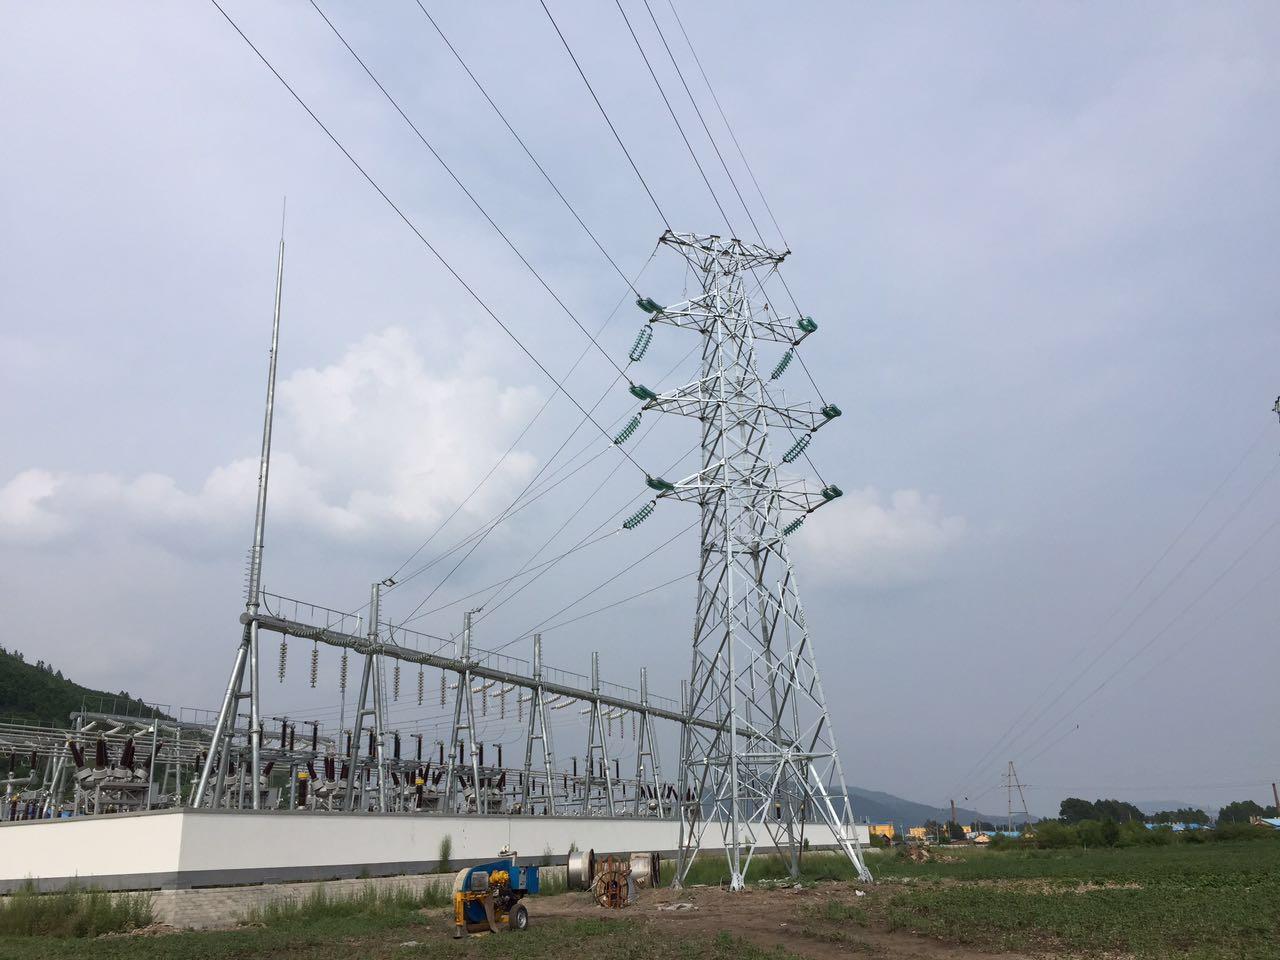 內蒙古呼倫貝爾根河-克一河-吉文-阿里河110千伏輸變電工程